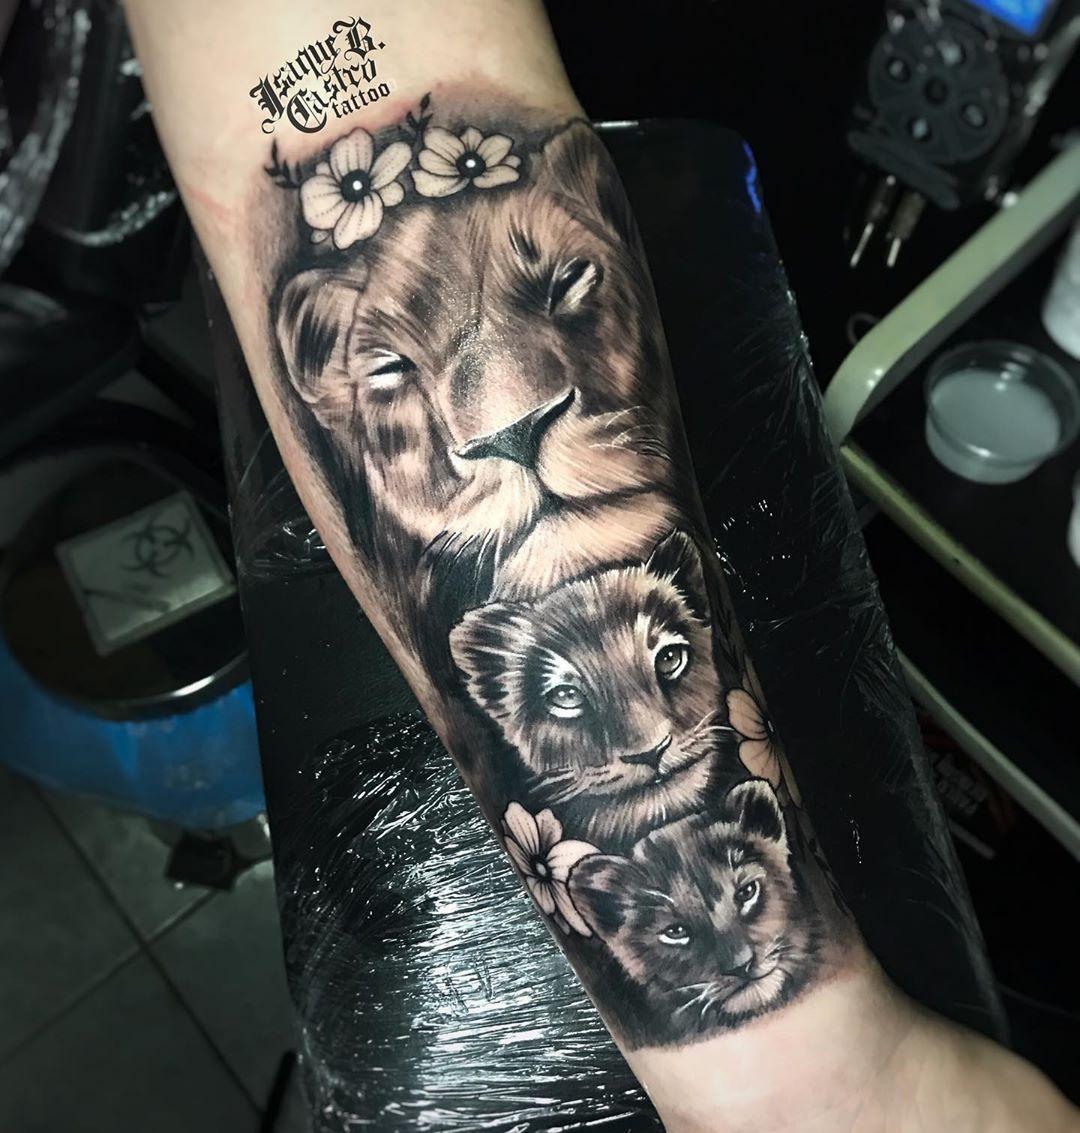 O Amor de uma Mãe representado em uma tatuagem. . Comenta aqui em baixo o que você achou dessa arte ⬇️ E marca 2 amigos . . . . . #tattoo #tatuagemfortaleza #tatuadoresdefortalza #estudiosdetatuagemfortaleza #estudiodetatuagemfortaleza #tattooart #pretoecinza #pretoecinzatattoo #pretoecinzatatuagem #tattooartist #tattoo #tatuagem #tatuagemfortaleza #tattoolife #tattoolovers #tattooarte #tattooart #evolucaosempre #thebesttattooartist #tattooartist #tattooartists #tattooartistmagazine #tattooartis